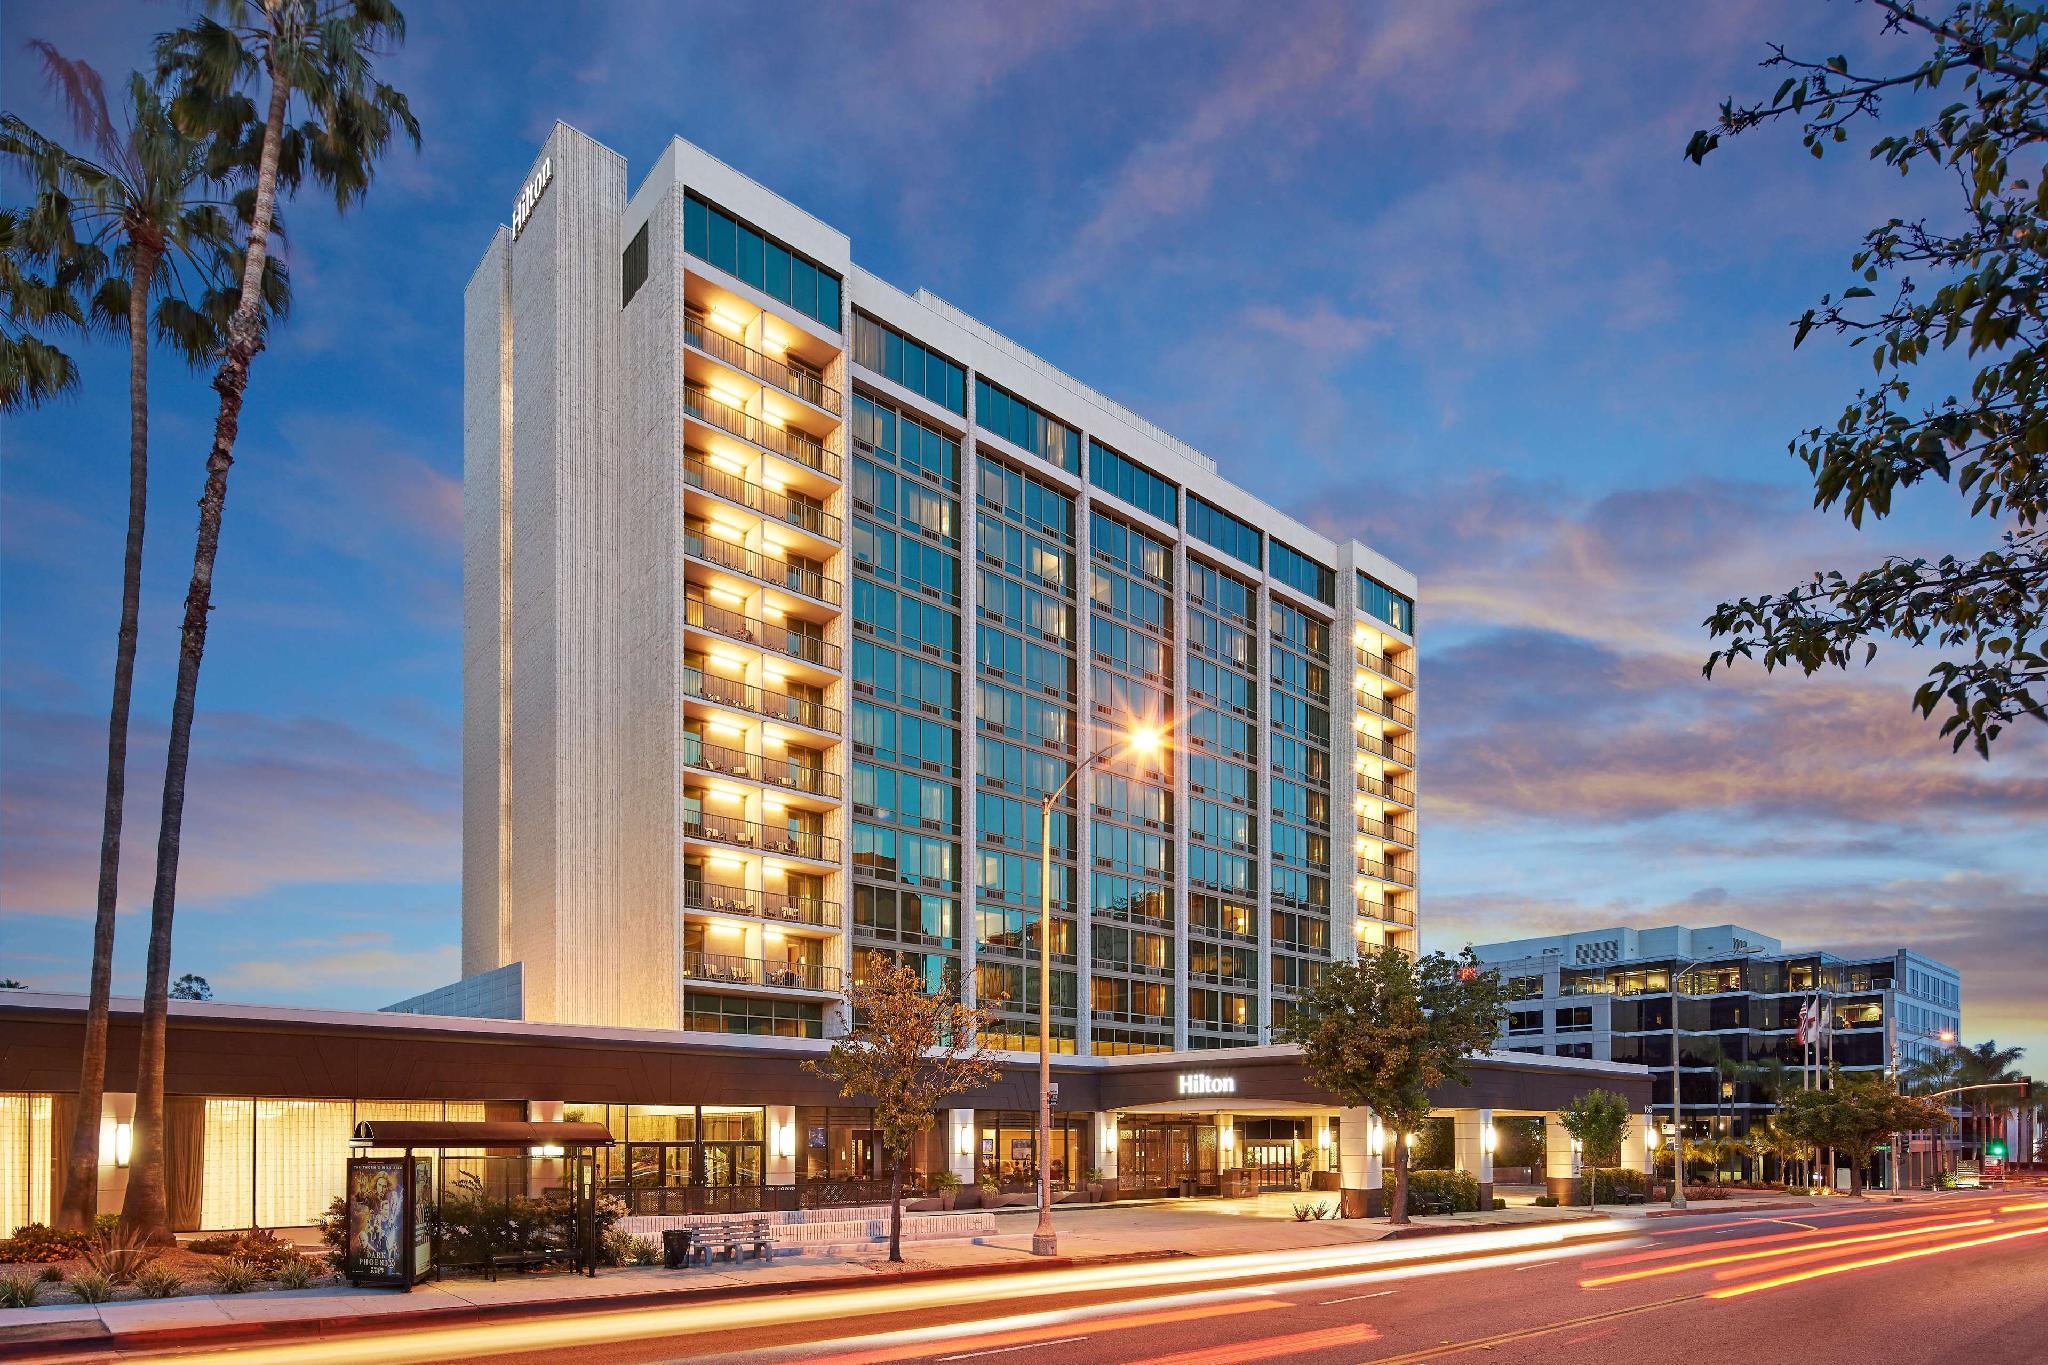 Hilton Pasadena Hotel, Los Angeles